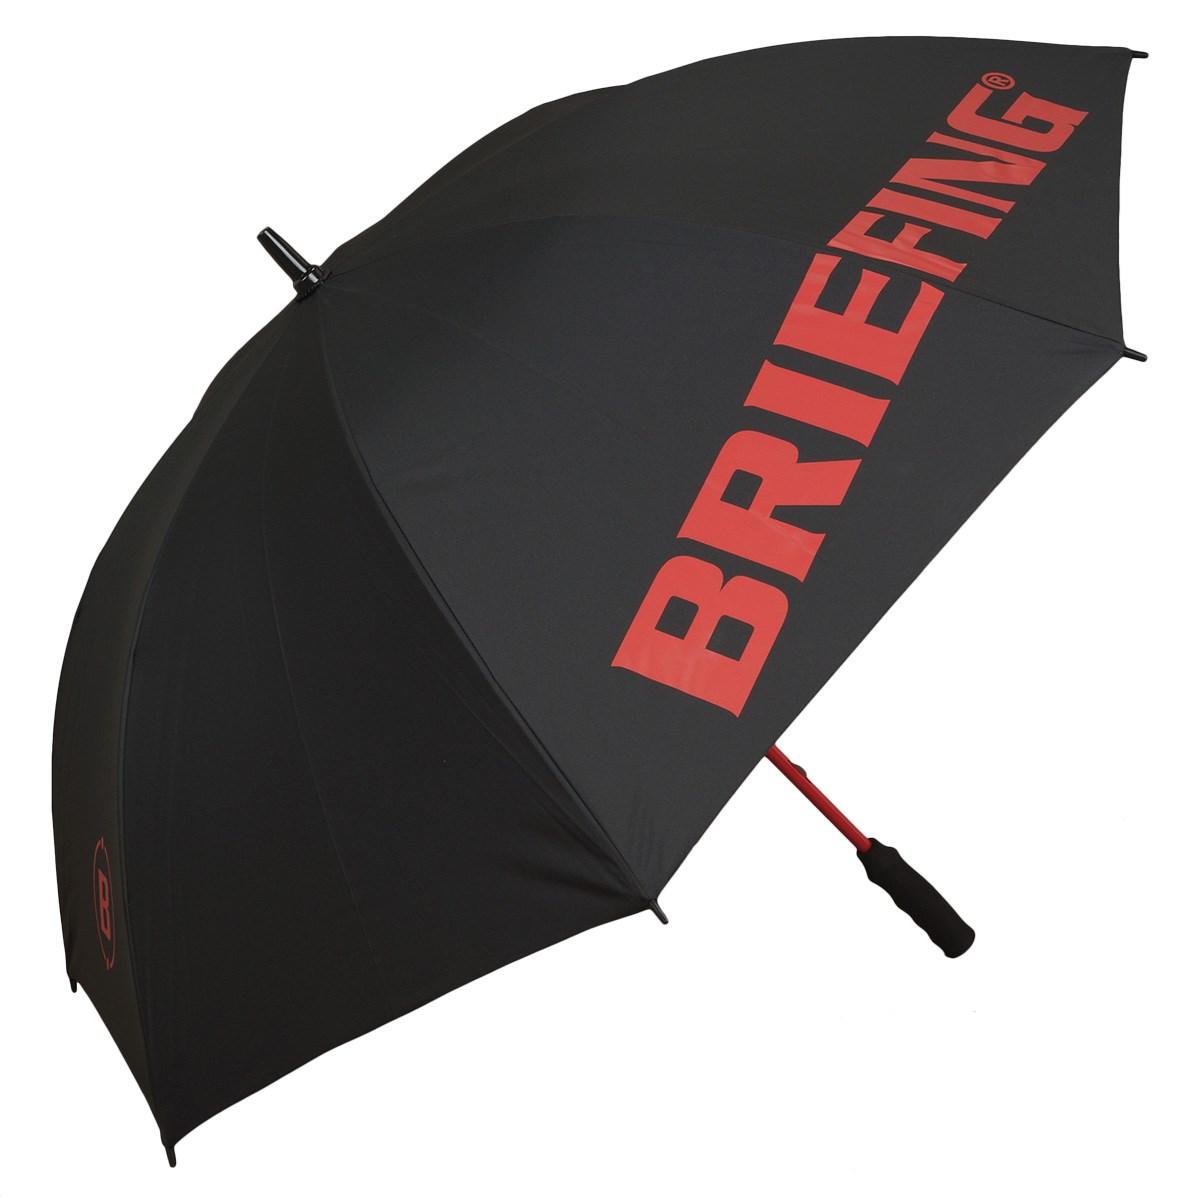 ブリーフィング BRIEFING 傘 ブラック